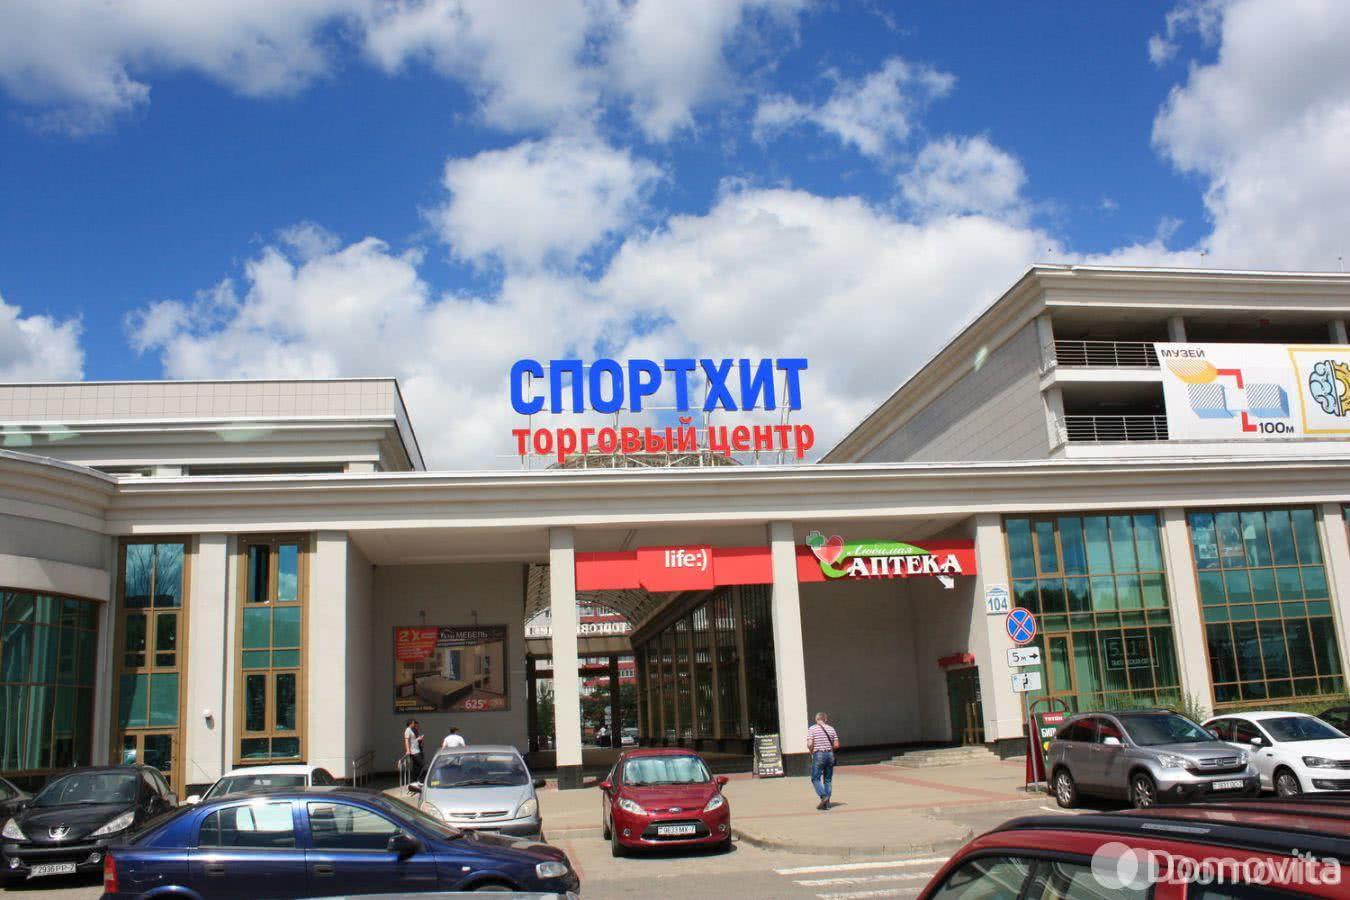 ТЦ Торговый центр Спортхит - фото 1